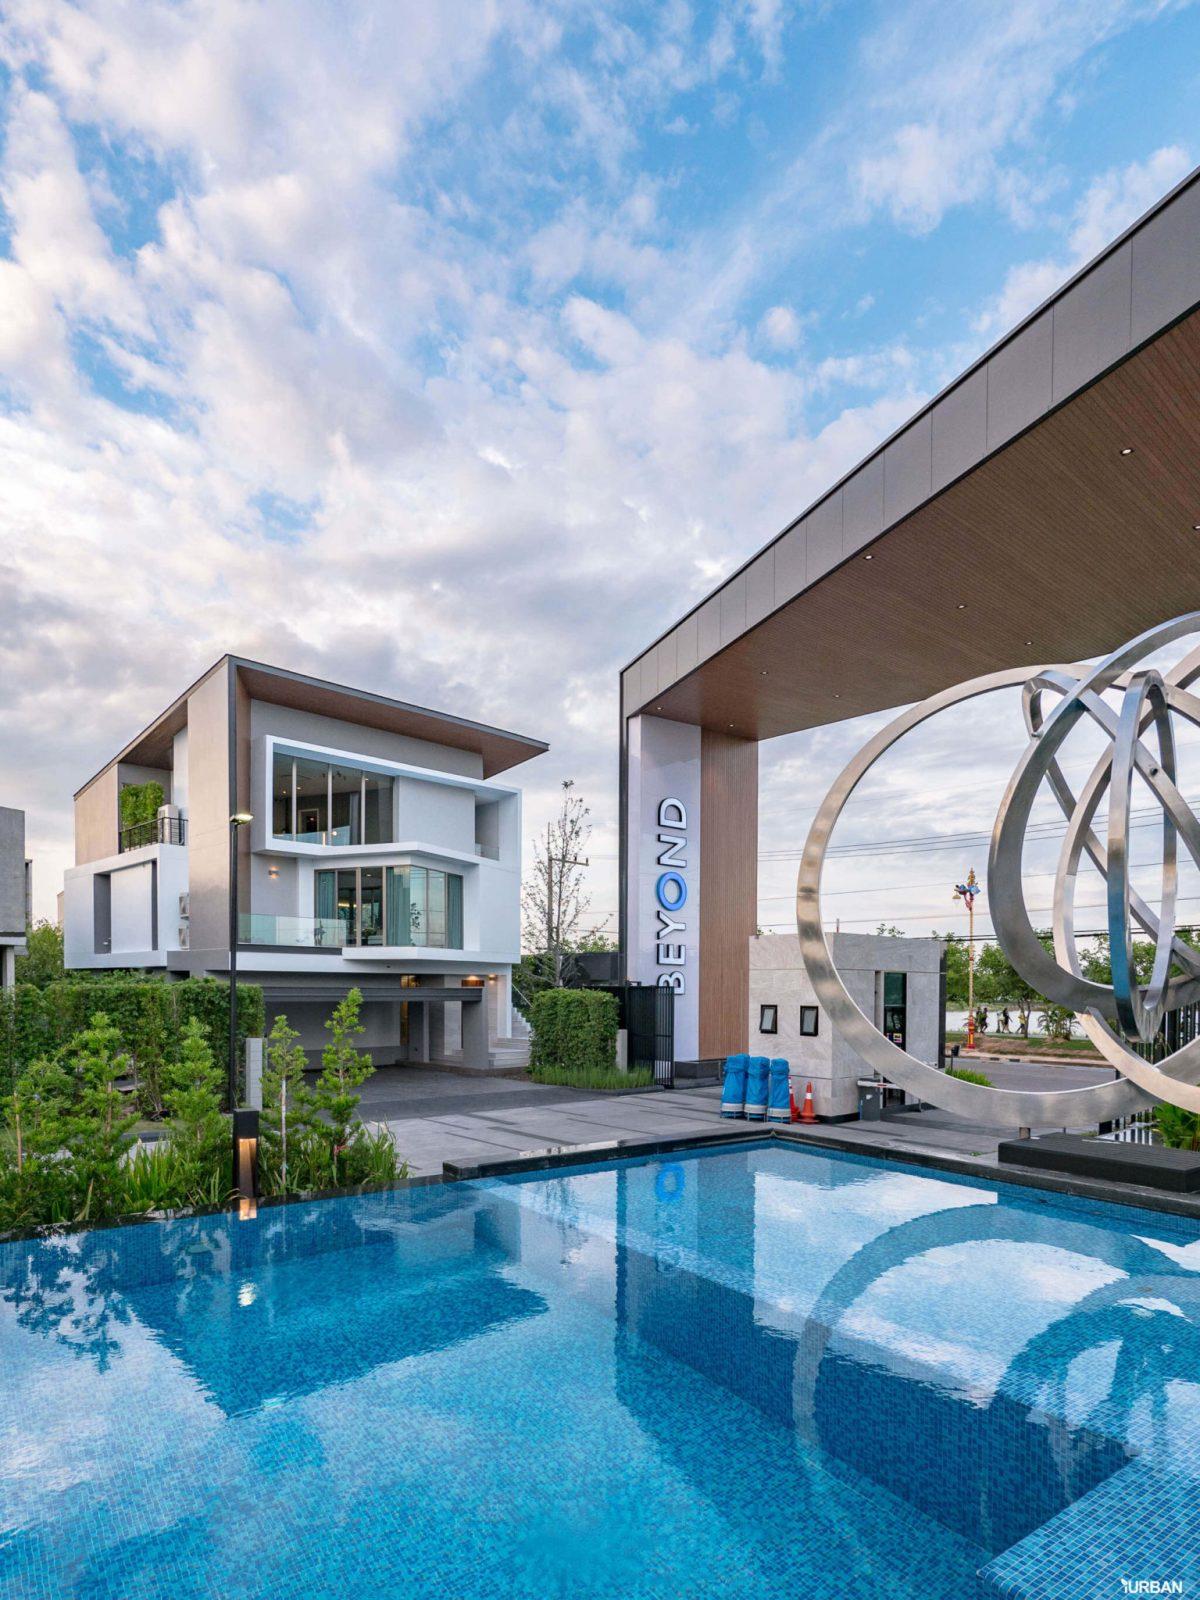 รีวิว Nirvana BEYOND Udonthani บ้านเดี่ยว 3 ชั้น ดีไซน์บิดสุดโมเดิร์น บนที่ดินสุดท้ายหน้าหนองประจักษ์ 184 - Luxury